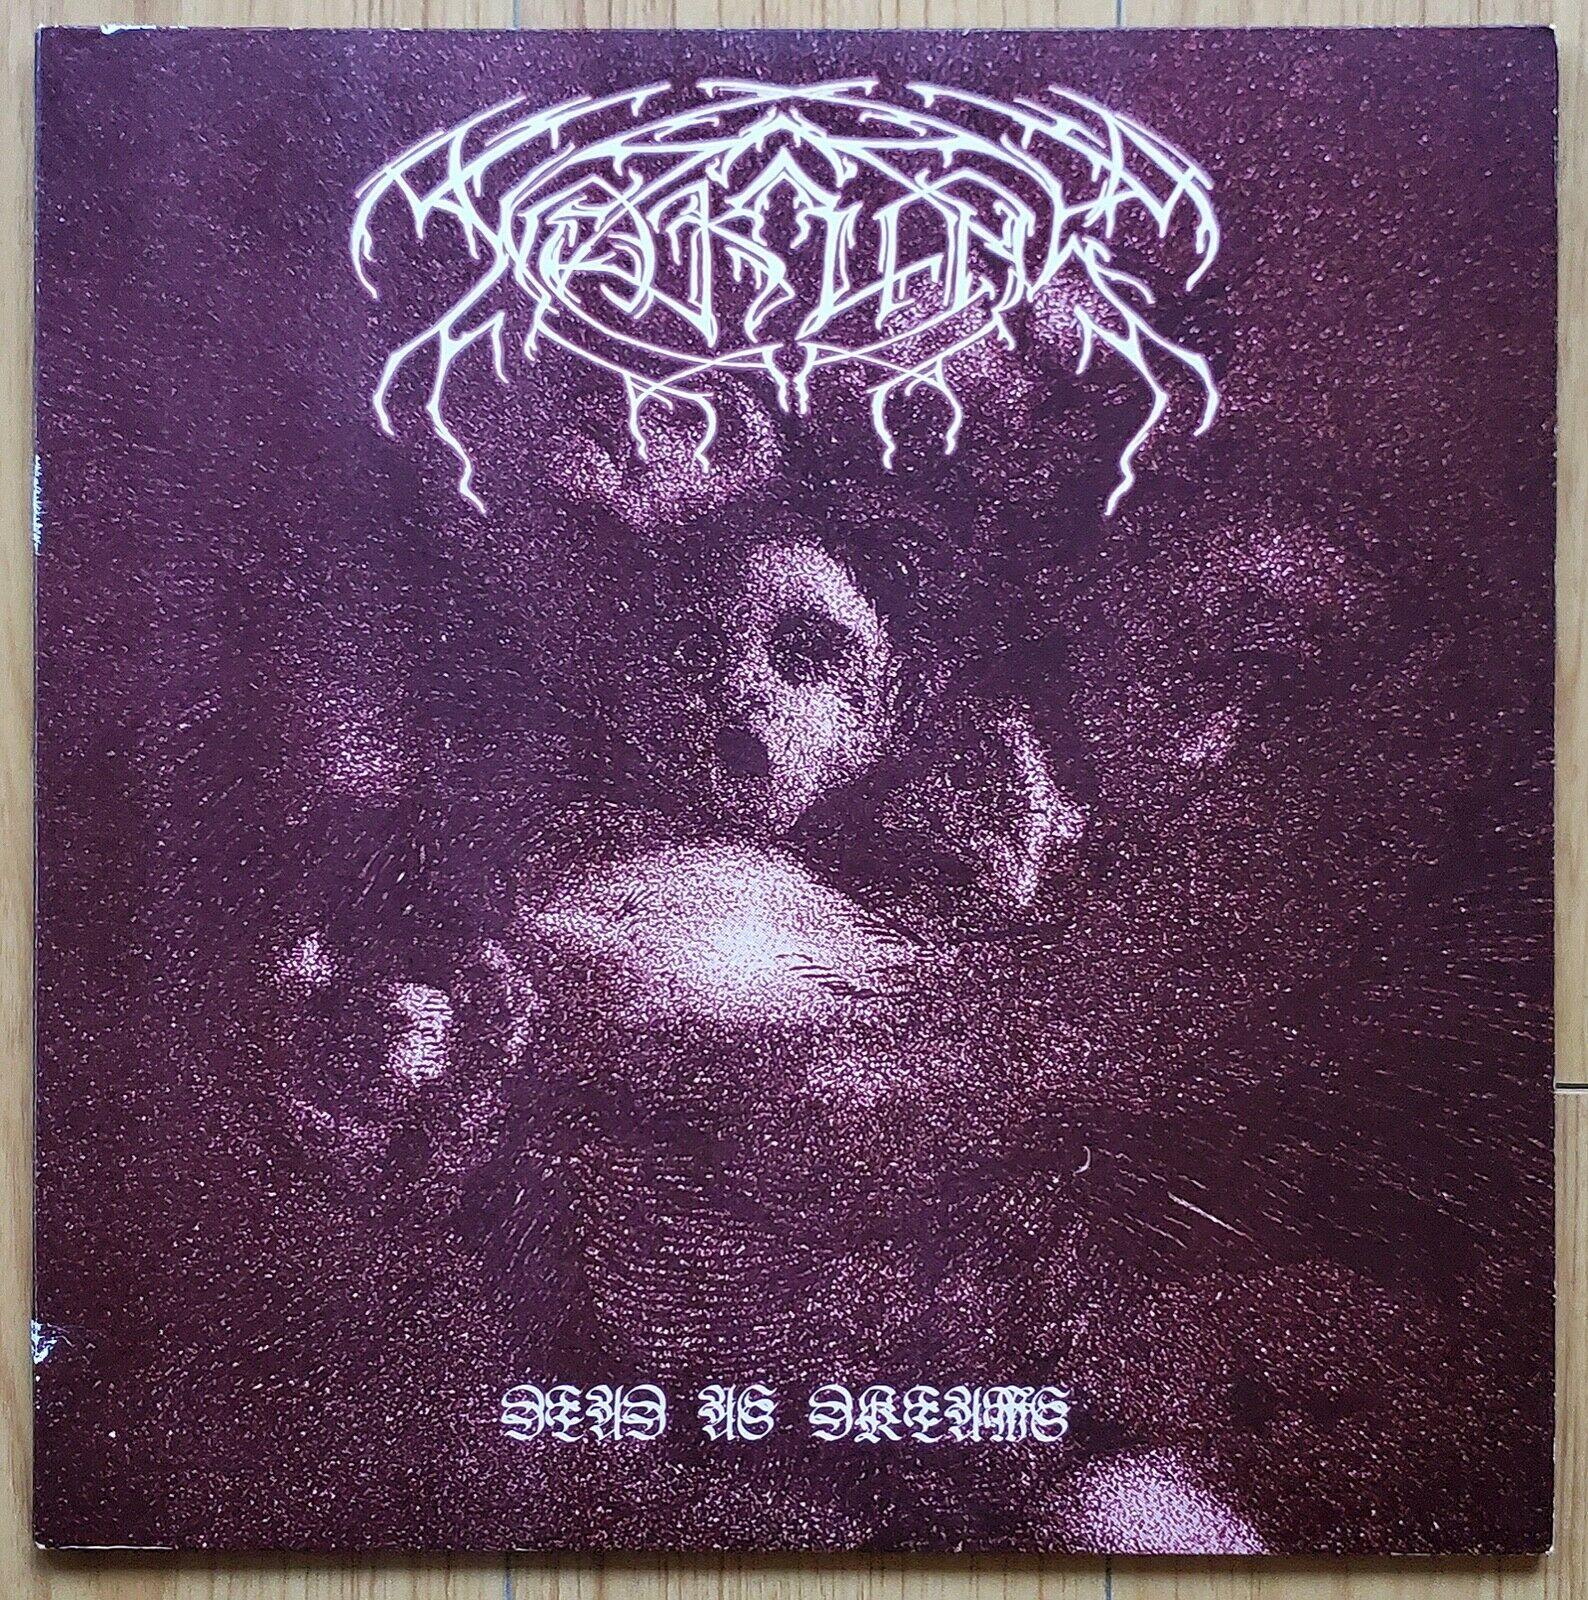 WEAKLING   Dead As Dreams LP 2000 tUMULt   RARE US BLACK METAL Orig NEAR MINT